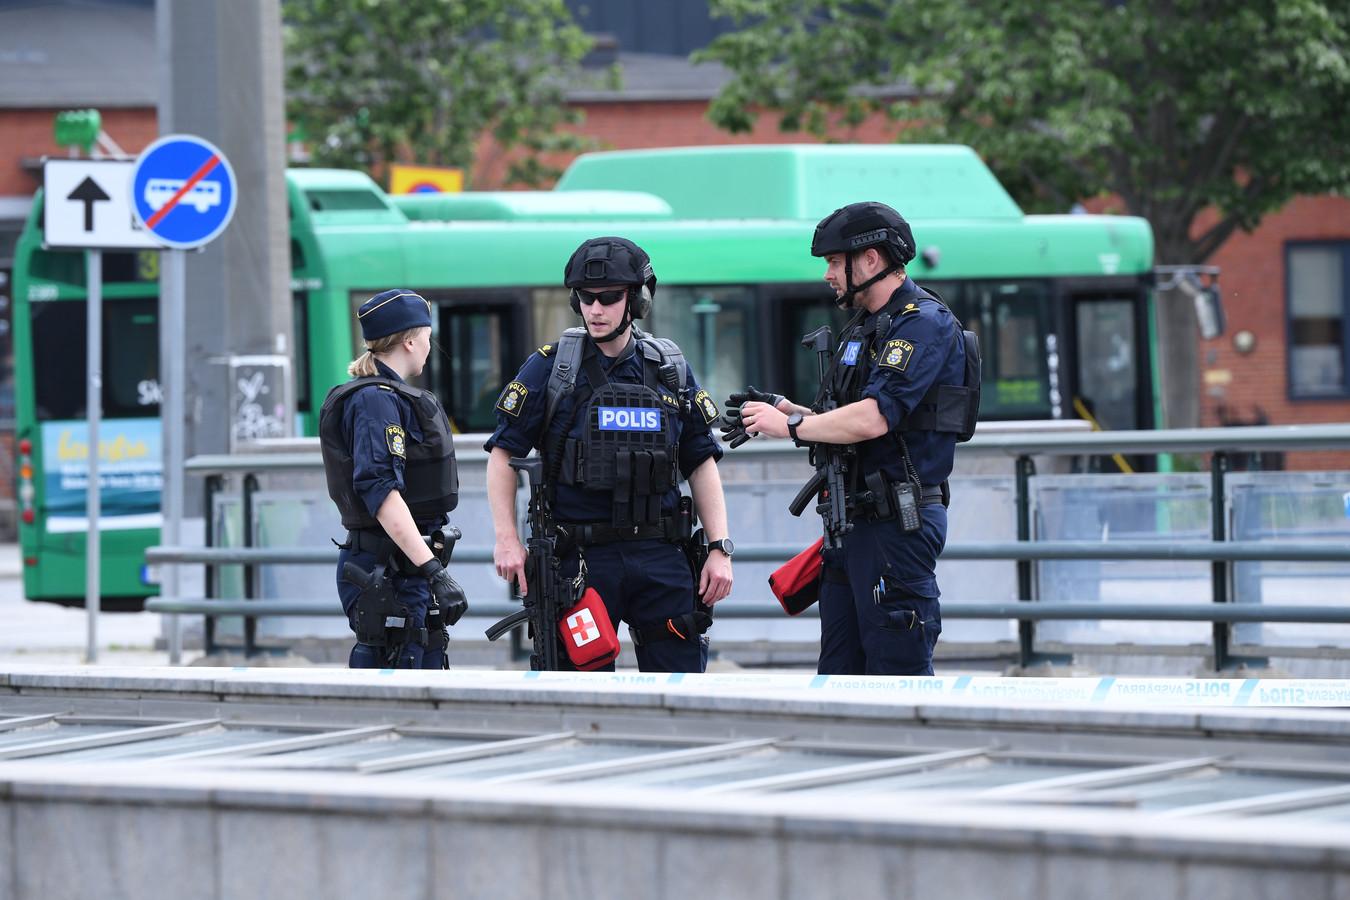 De politie heeft de omgeving rond het station van Malmö afgesloten.